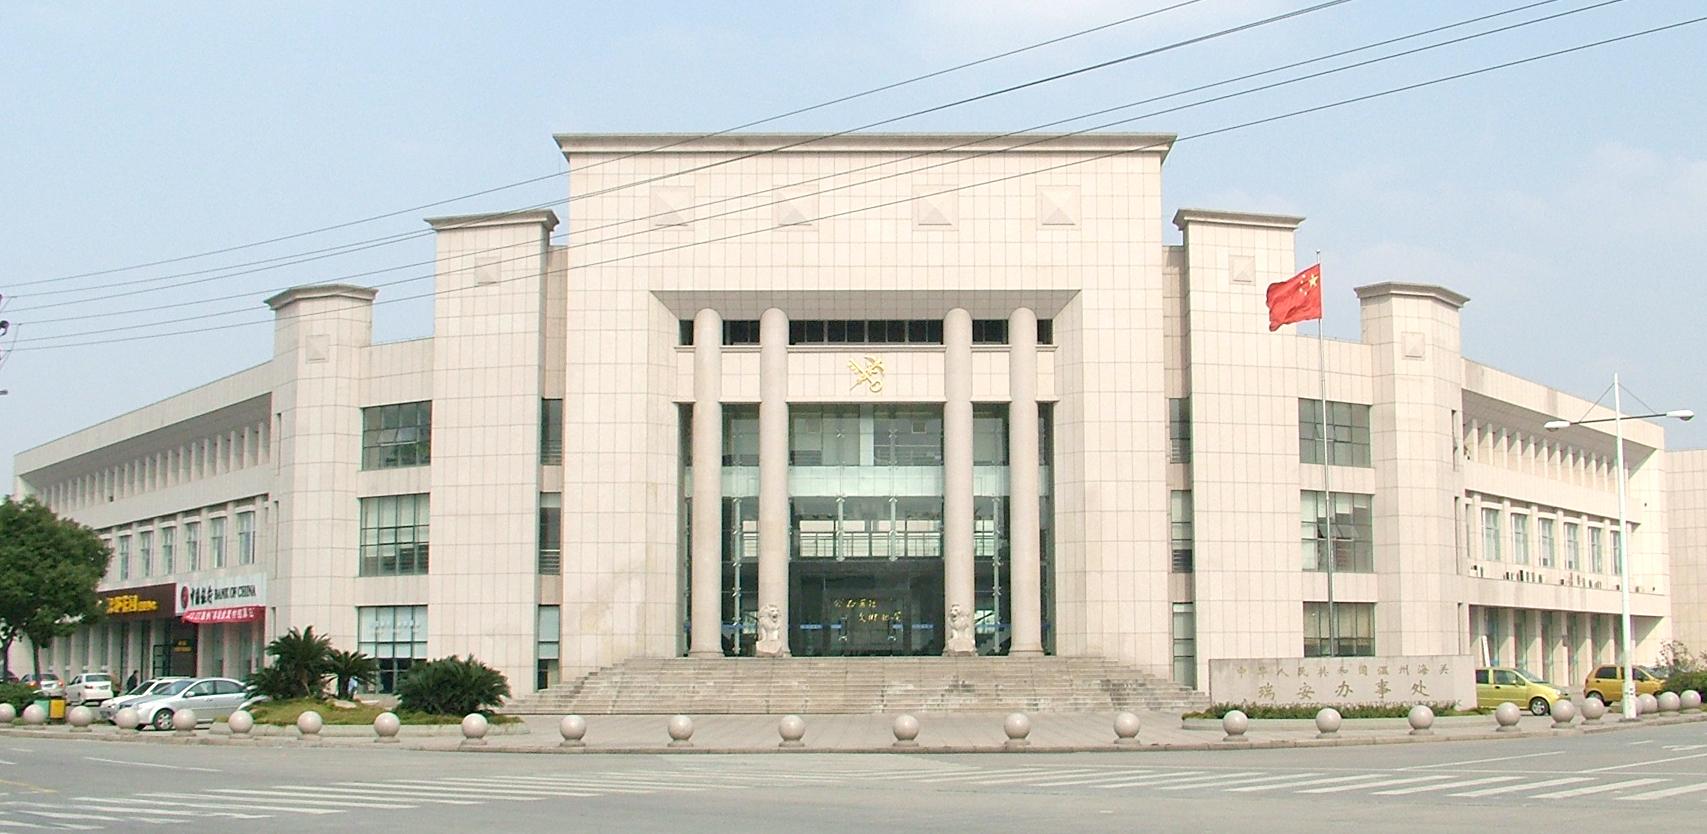 溫州海關瑞安辦事處辦公大樓(2006年度錢江杯).jpg